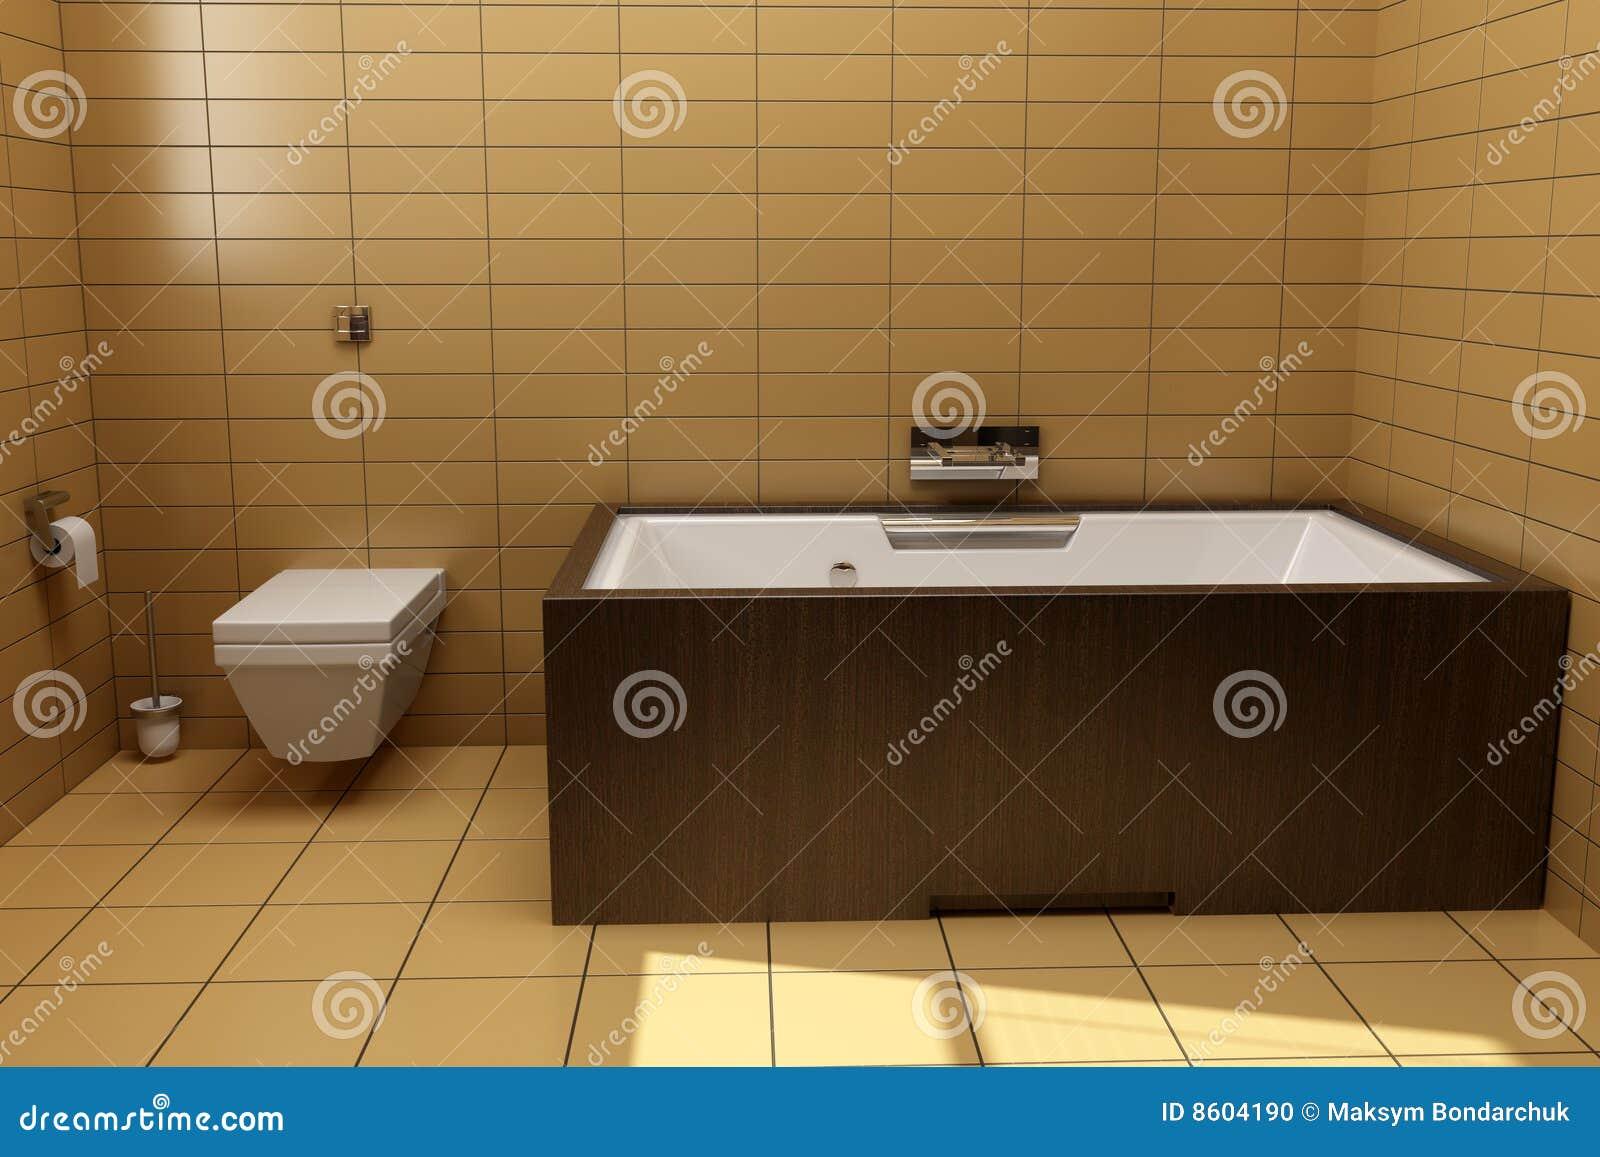 Badezimmer Der Japanischen Art Stockfoto - Bild von hölzern, drei ...